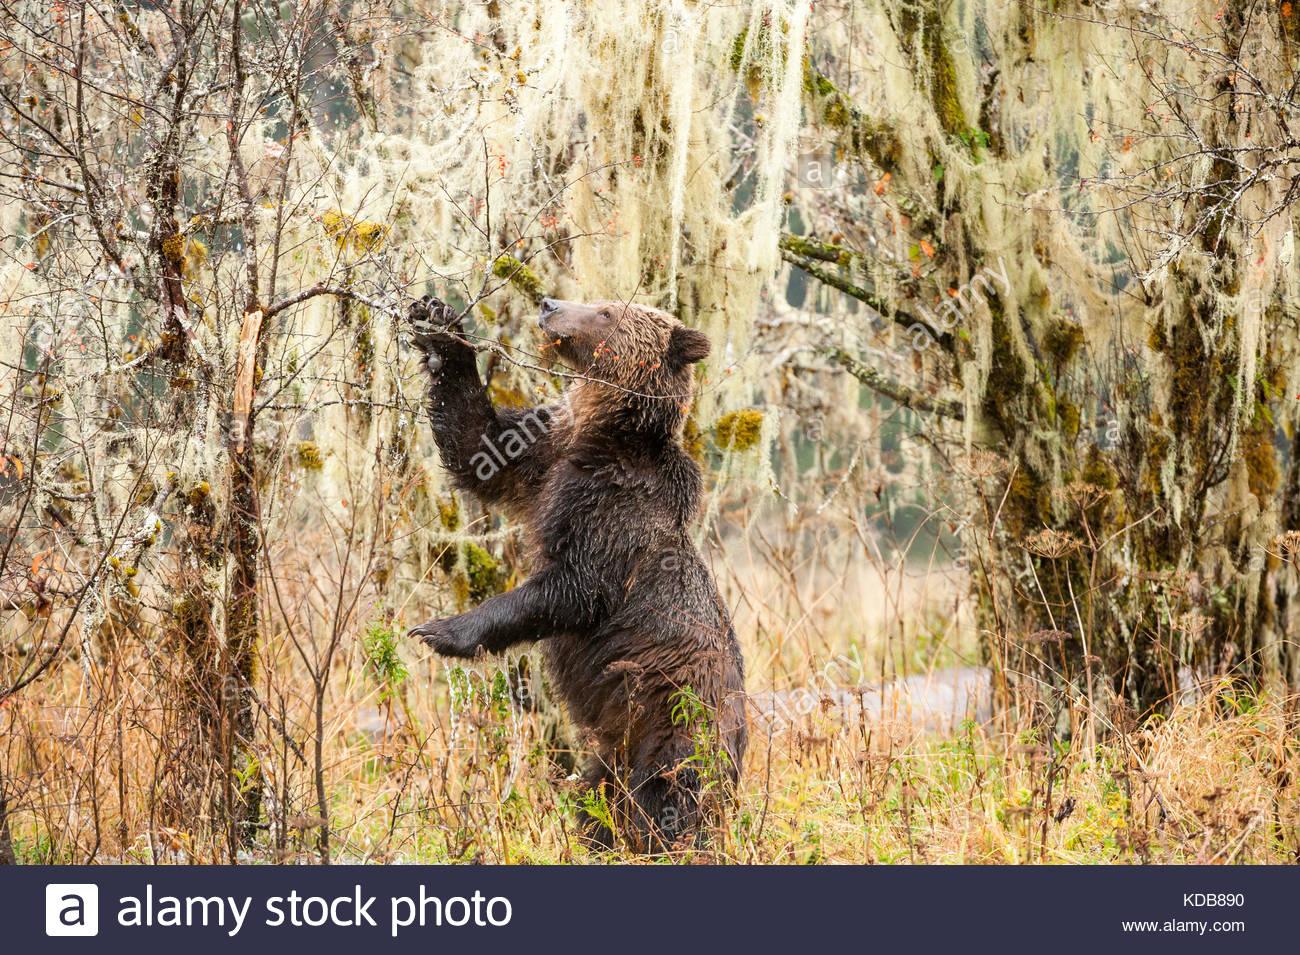 Ein Grizzly Bär, Ursus arctos, Feeds auf Crabapples im Herbst. Stockbild